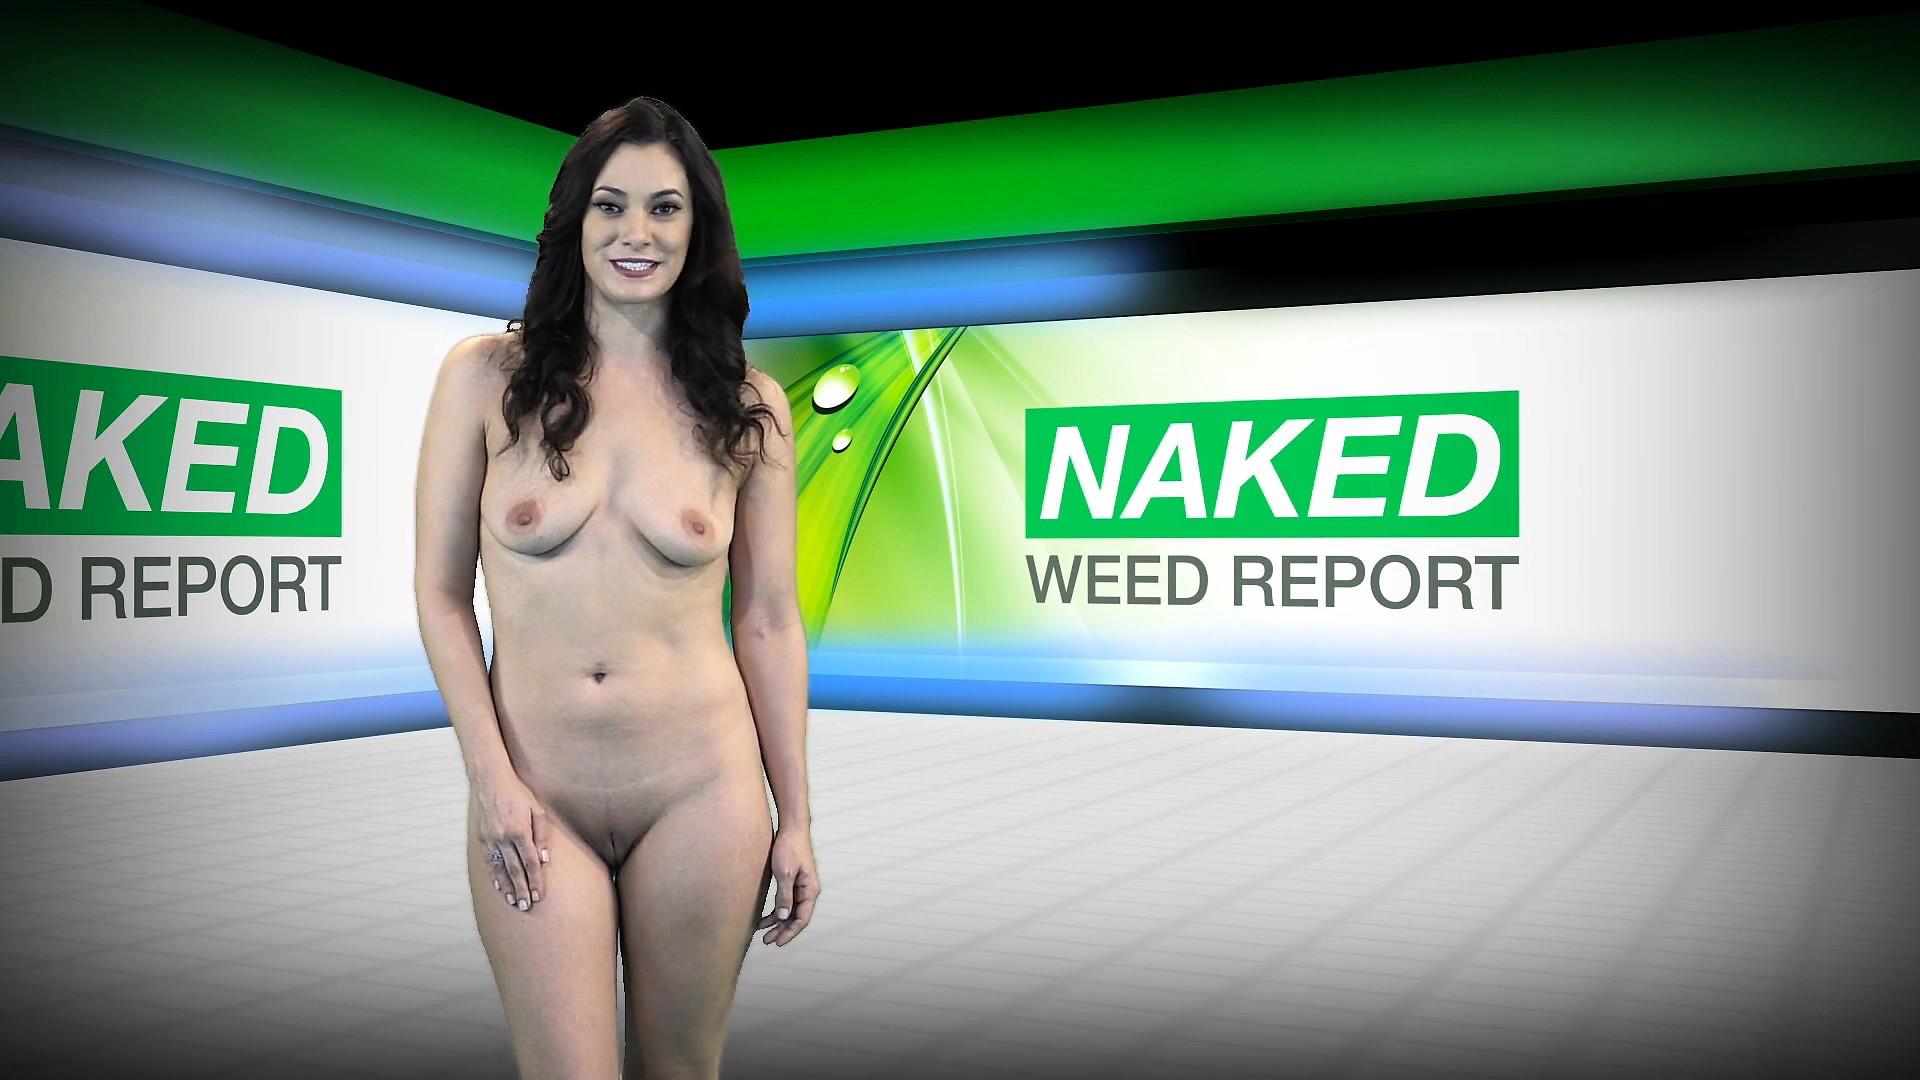 Blonde naked weed